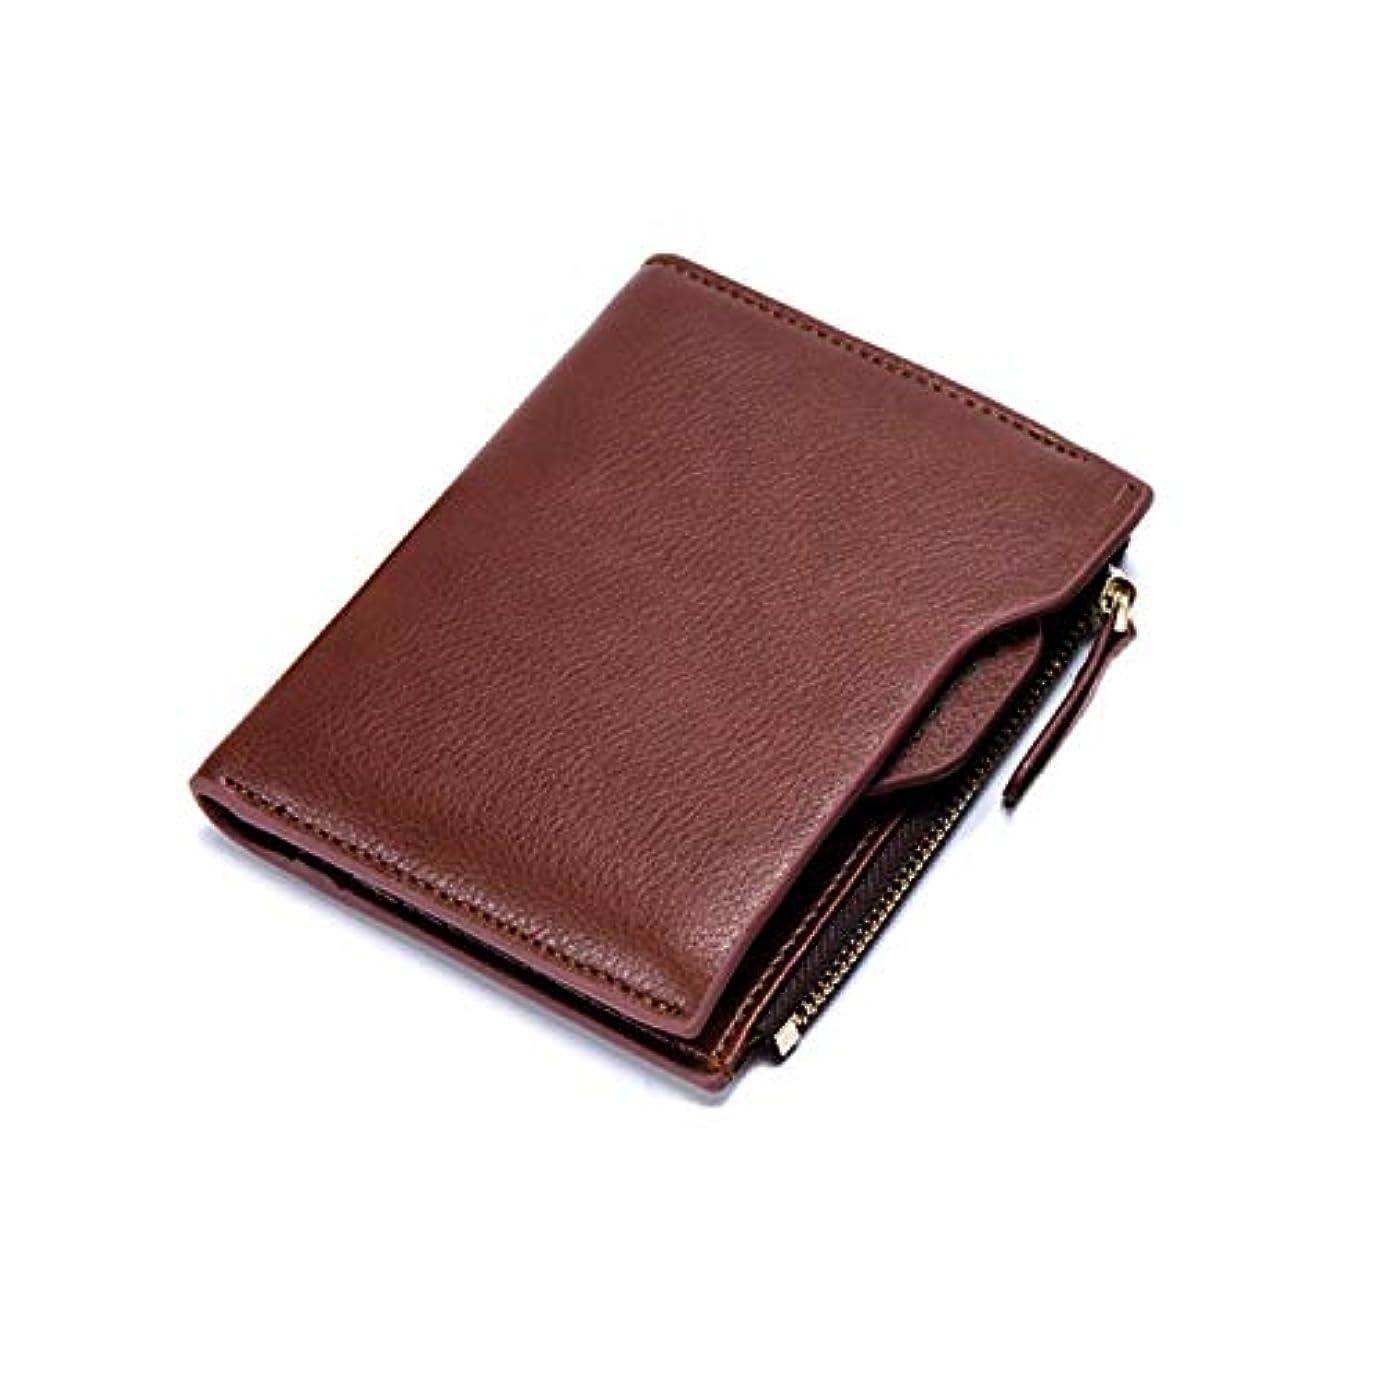 生む投げる作るwindss 財布 メンズ 二つ折り ウォレット PUレザー 小銭入れ カード入れ 免許証入れ スキミング対策 大容量 コンパクト